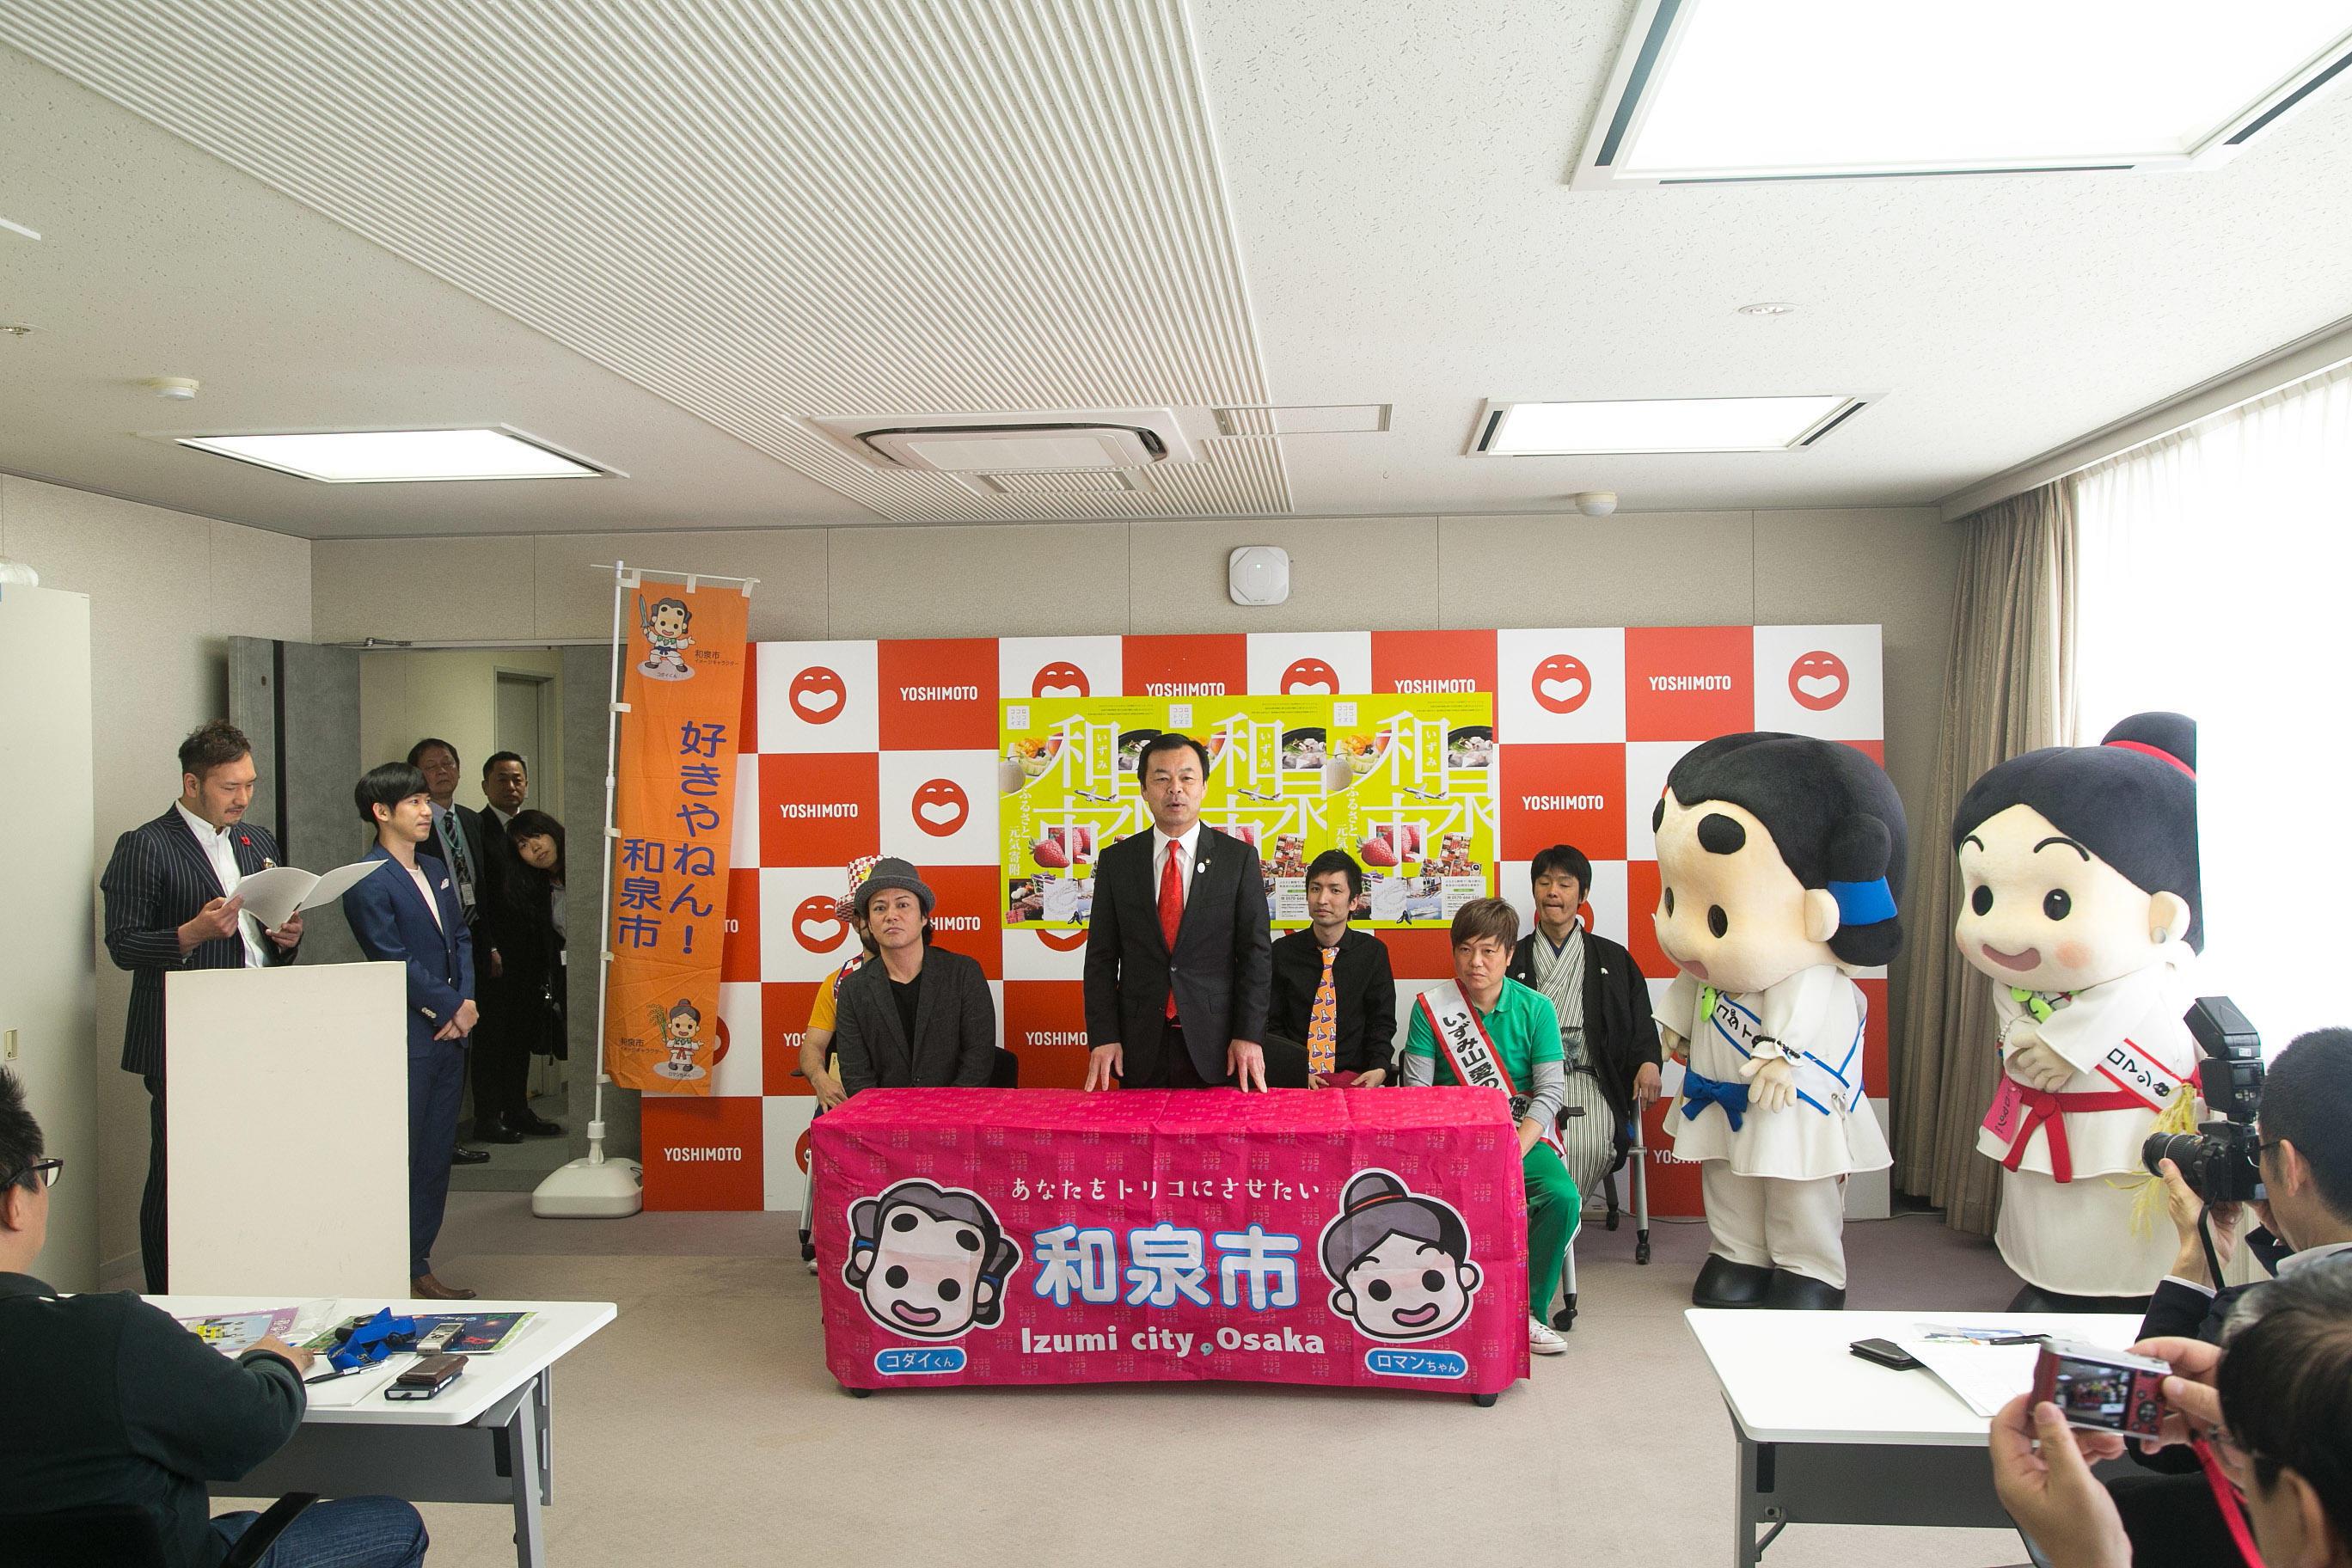 http://news.yoshimoto.co.jp/20180410140638-dab231706c2ef15bf4b503edfb8e415f362049d0.jpg